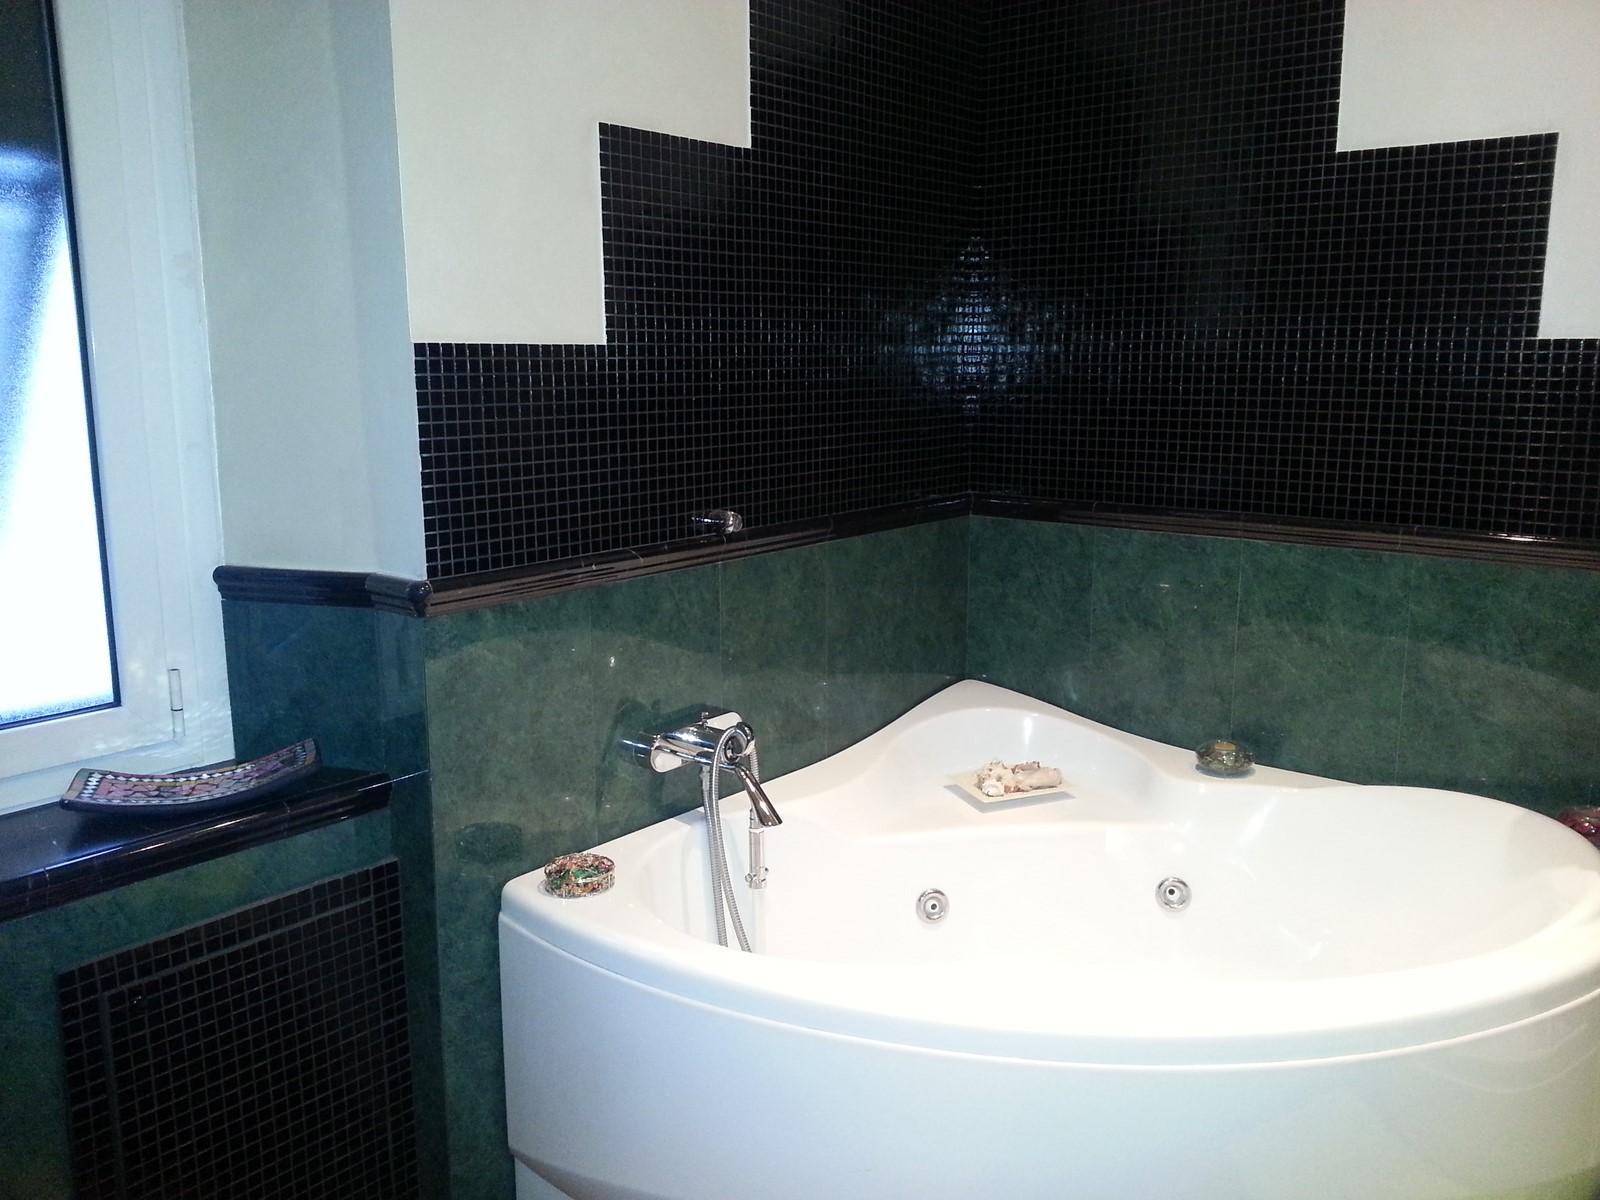 Bagno mosaico verde decorazioni per la casa salvarlaile.com